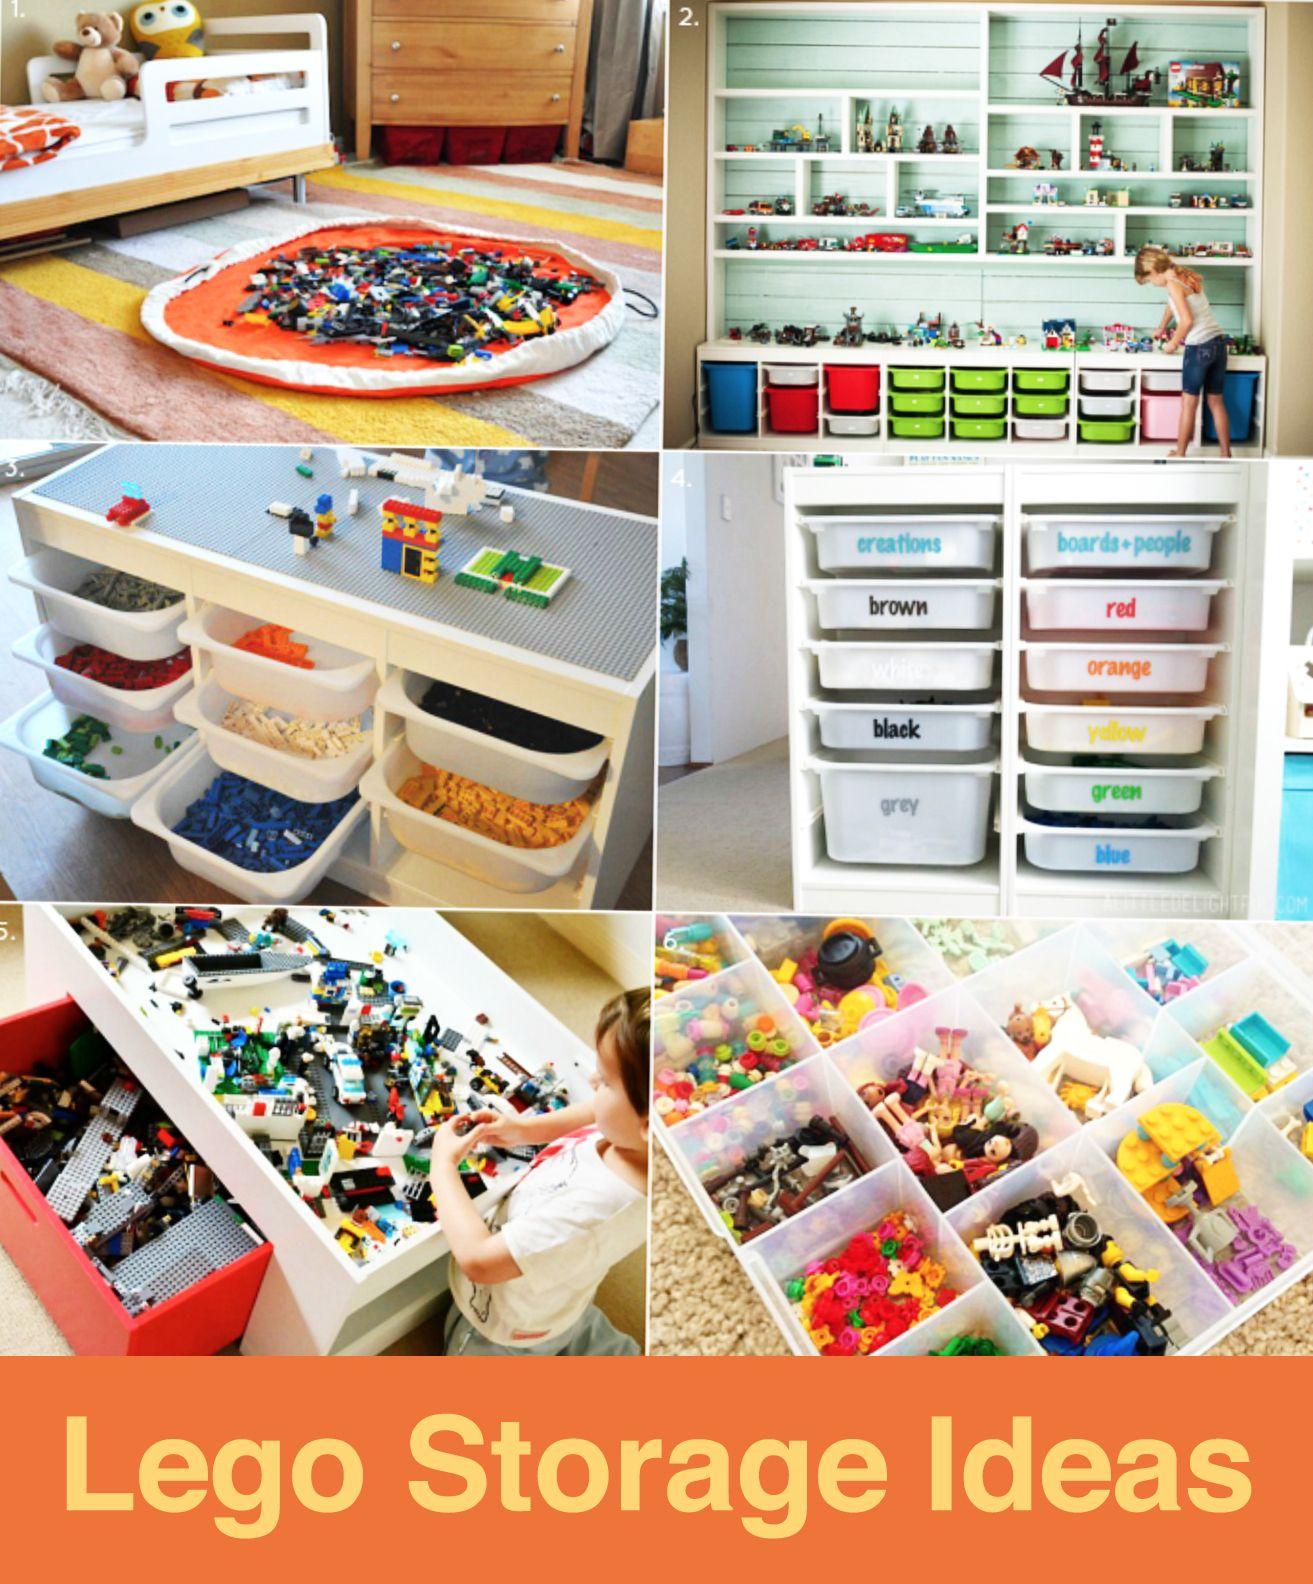 Lego Storage Ideas Kids, Lego Storage Ideas Ikea